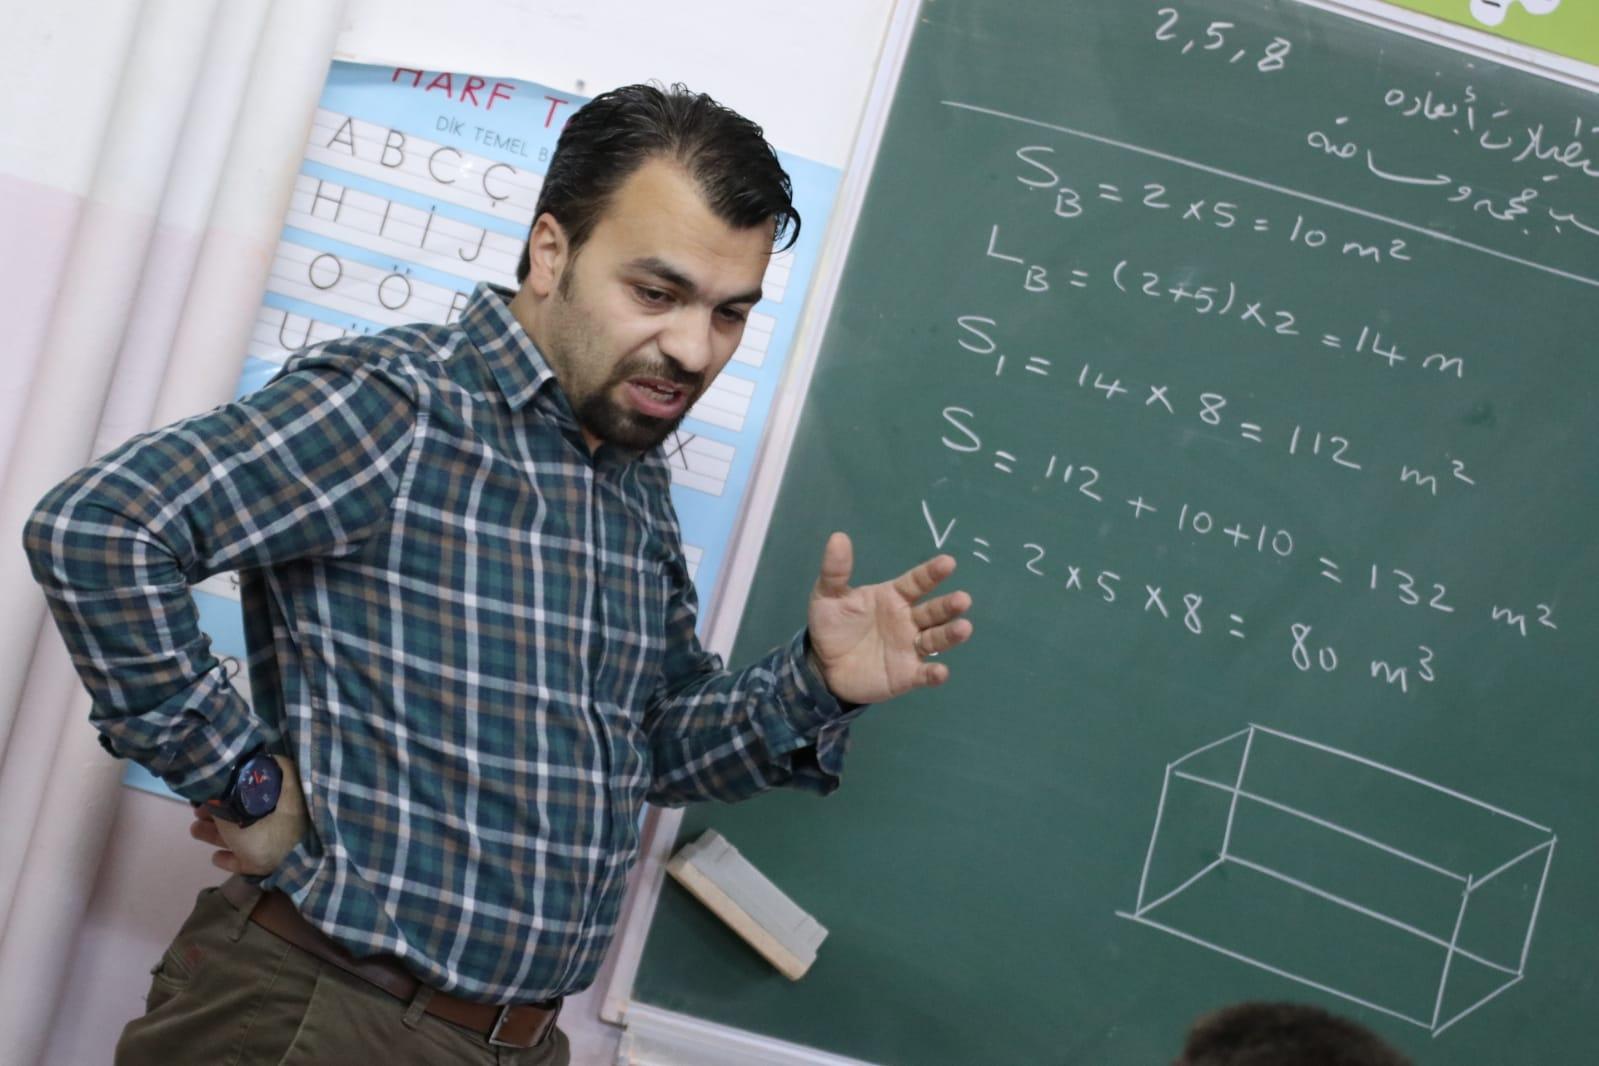 راغب-بكريش-يشرح-مسألة-رياضيات